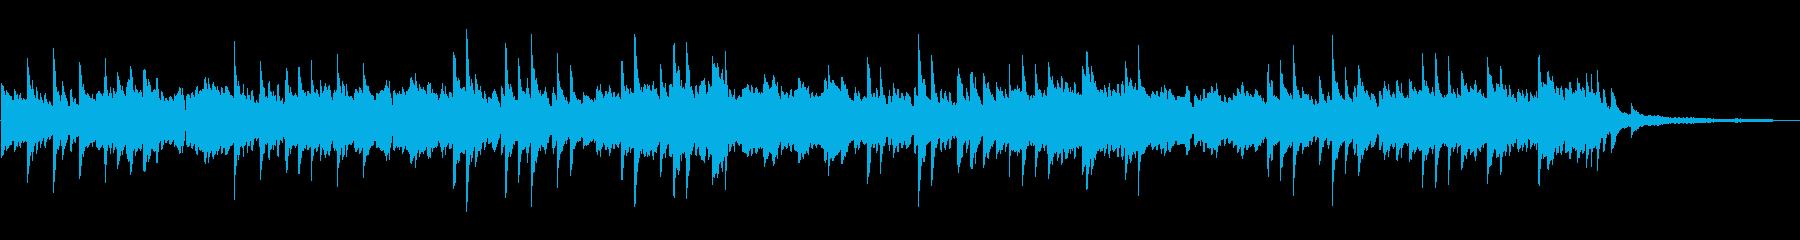 優しい日常的な ピアノソロの再生済みの波形